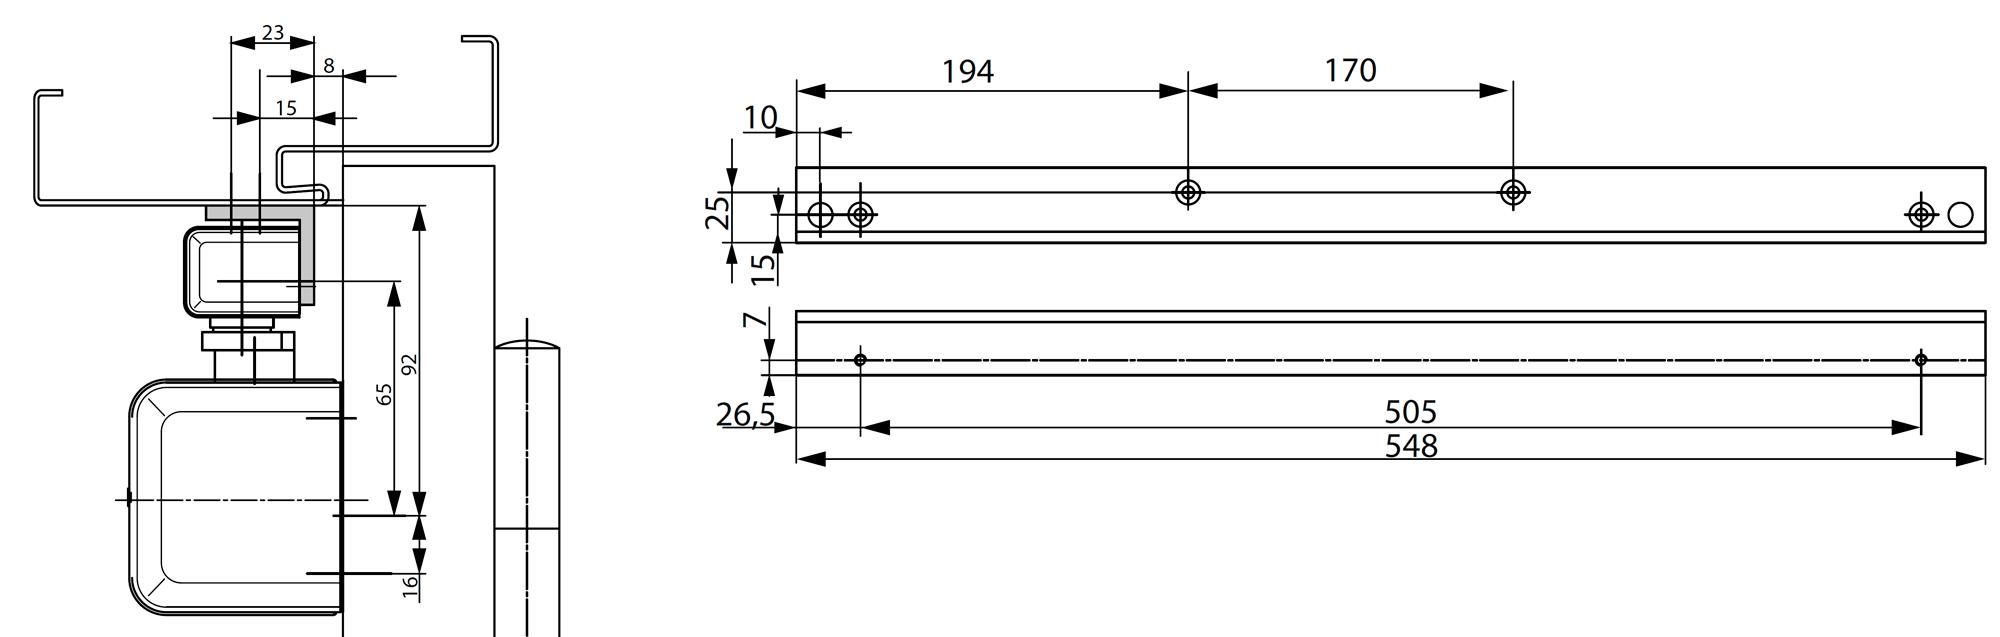 Угловая монтажная пластина A116 для скользящей тяги G460 при установке со стороны обратной петлям